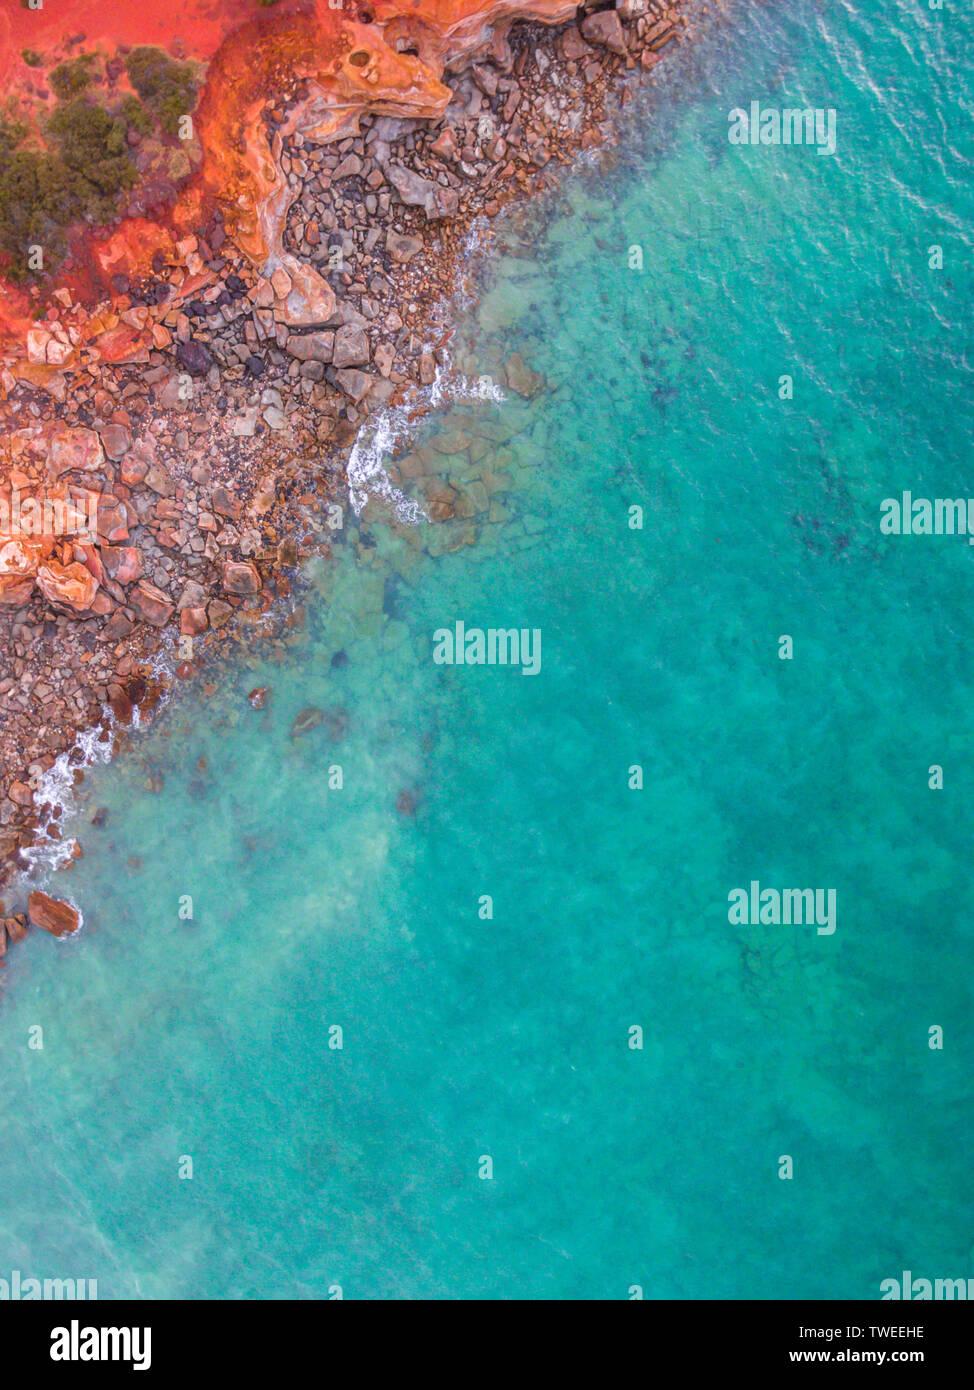 Une vue aérienne de Gantheaume Point dans Broome, Australie occidentale. Banque D'Images